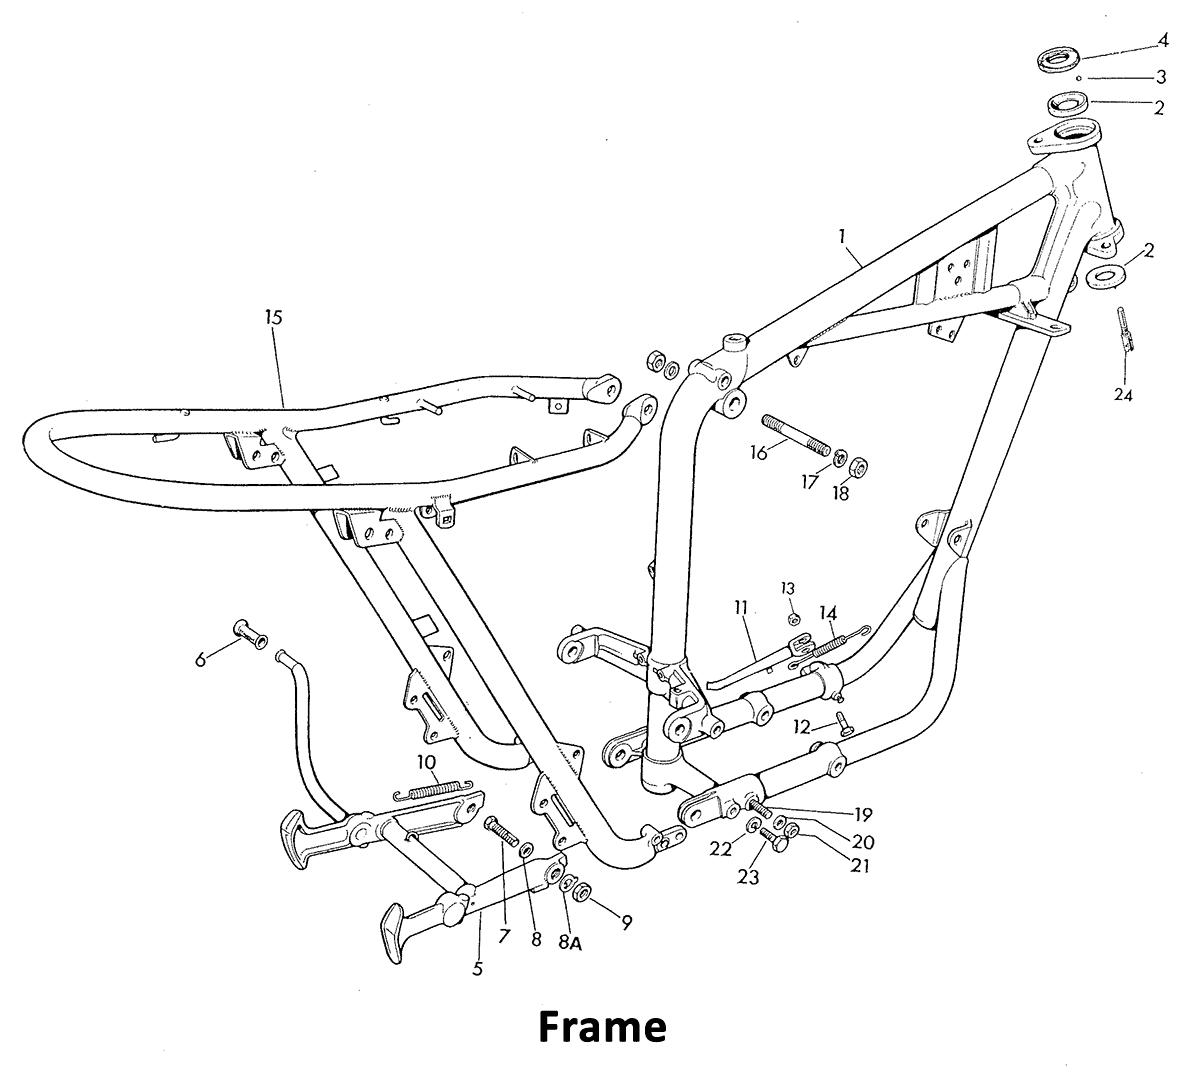 1969 Triumph 650 - Frame